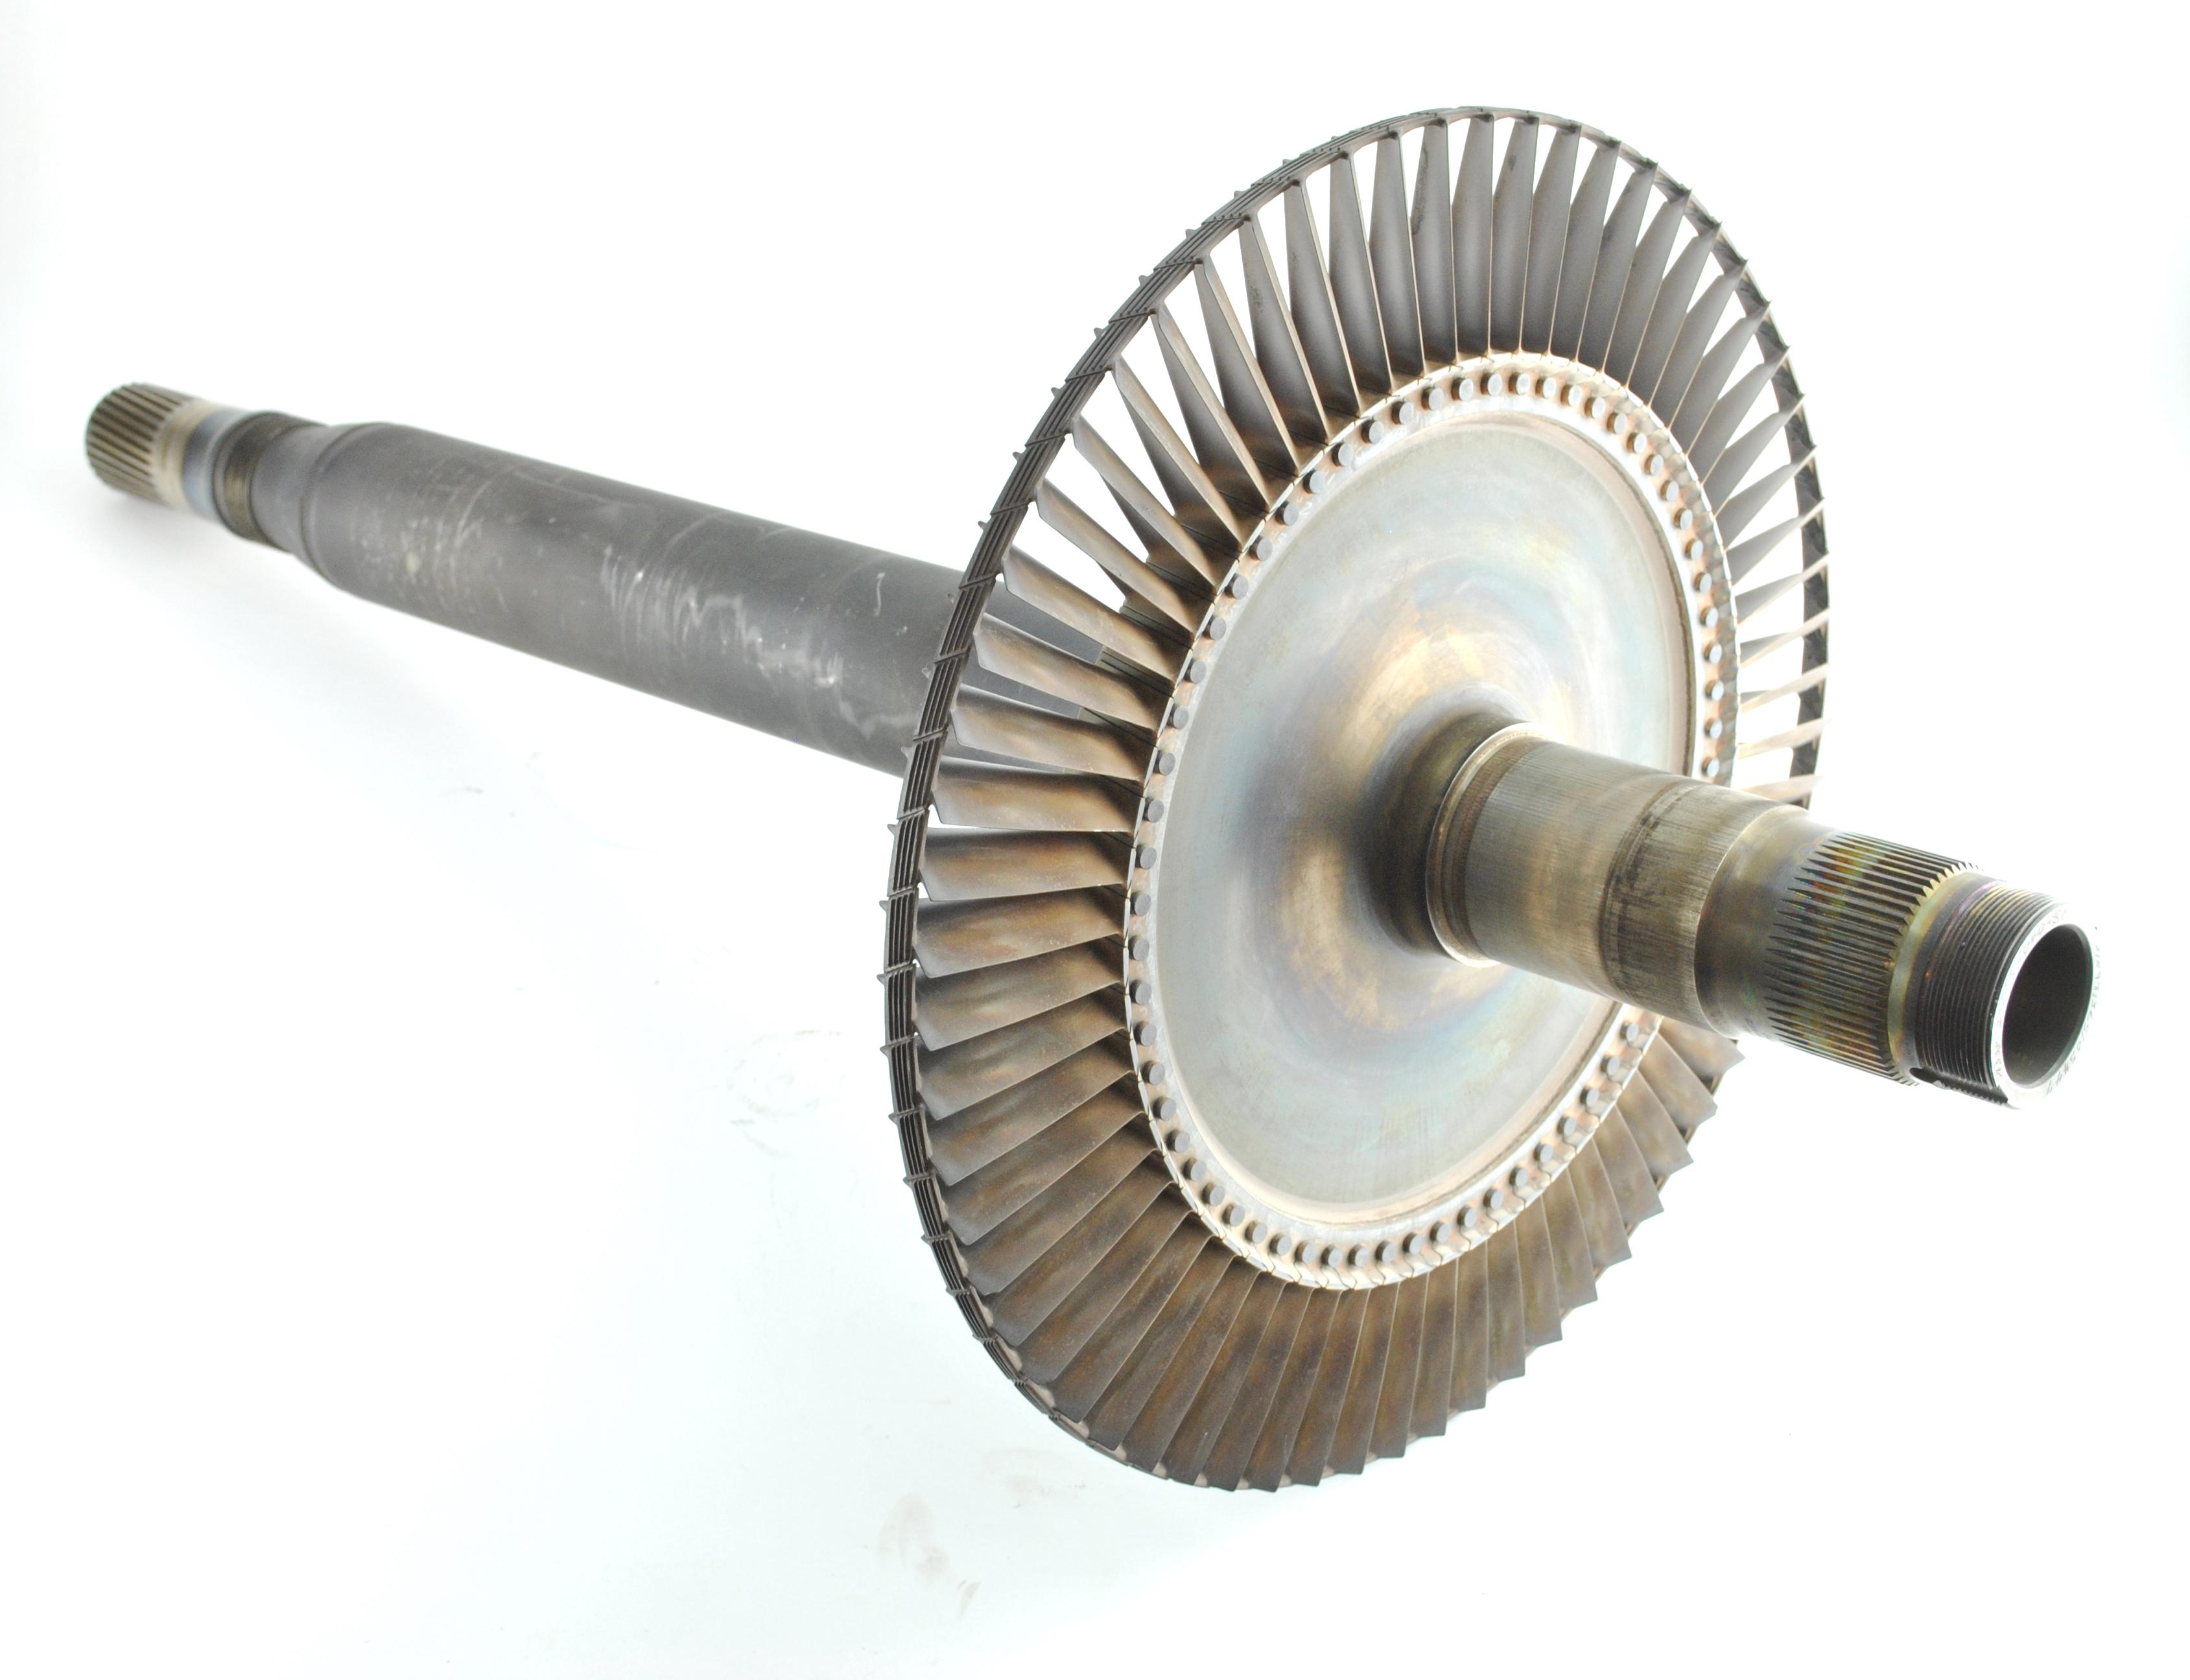 turbine jet engine shaft